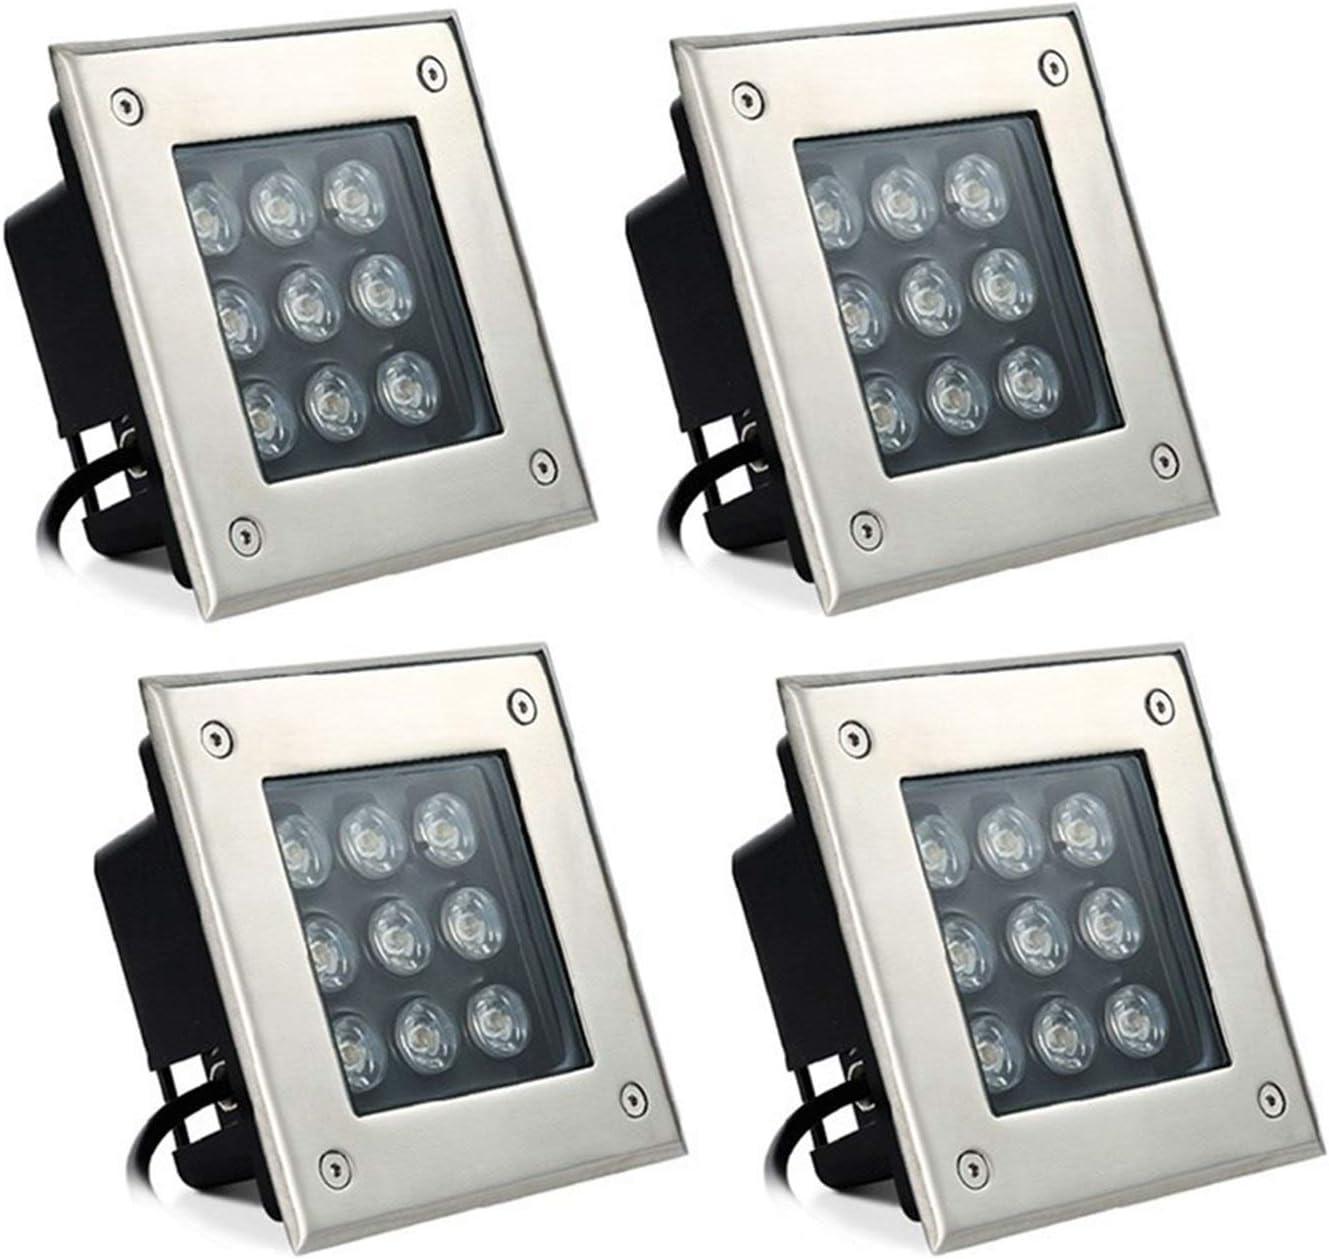 AMDHZ Foco Empotrable de Suelo LED Focos Exterior Led Ingenieria IP65 AC220V 6W 560LM Rectángulo Incrustado Destacar Césped Patio Aclarar Decoración (Color : C, Size : 16W)